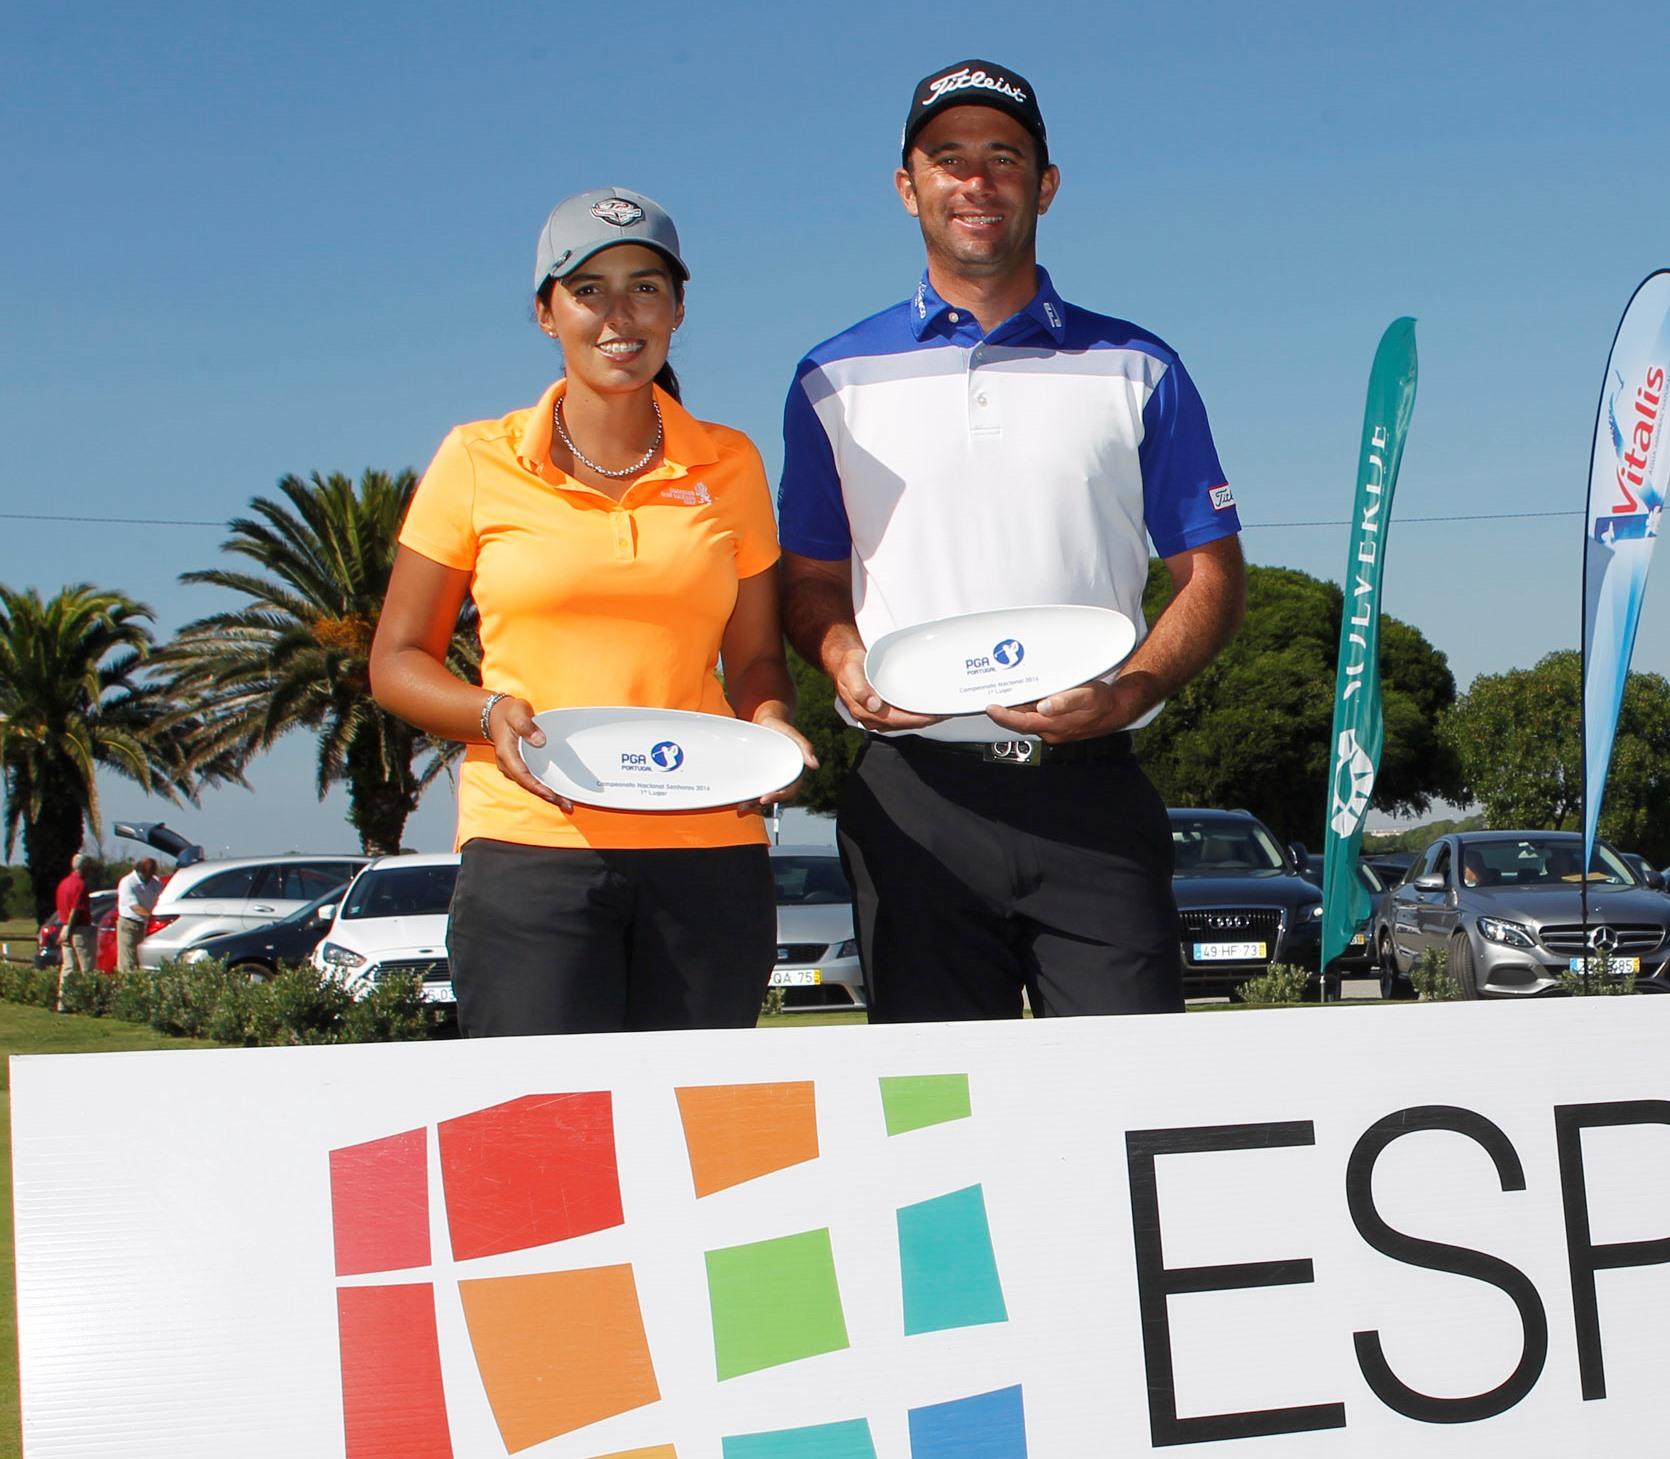 Solverde Campeonato Nacional PGA – RICARDO SANTOS E SUSANA RIBEIRO TENTAM REEDITAR TRIUNFOS DE 2016